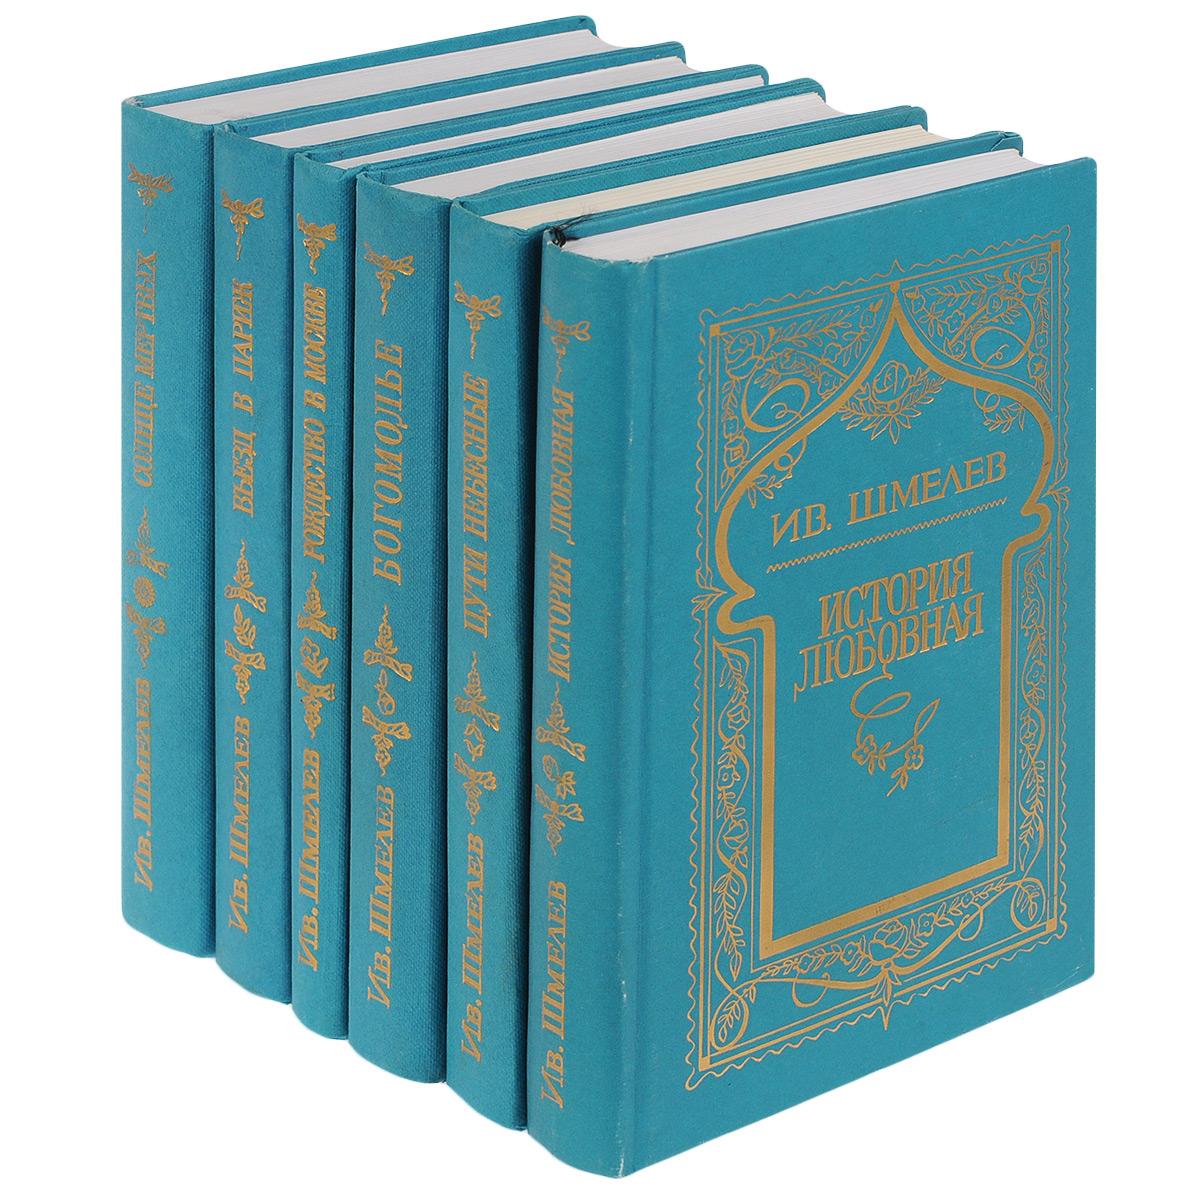 Ив. Шмелев. Собрание сочинений в 5 томах + дополнительный том (комплект из 6 книг)